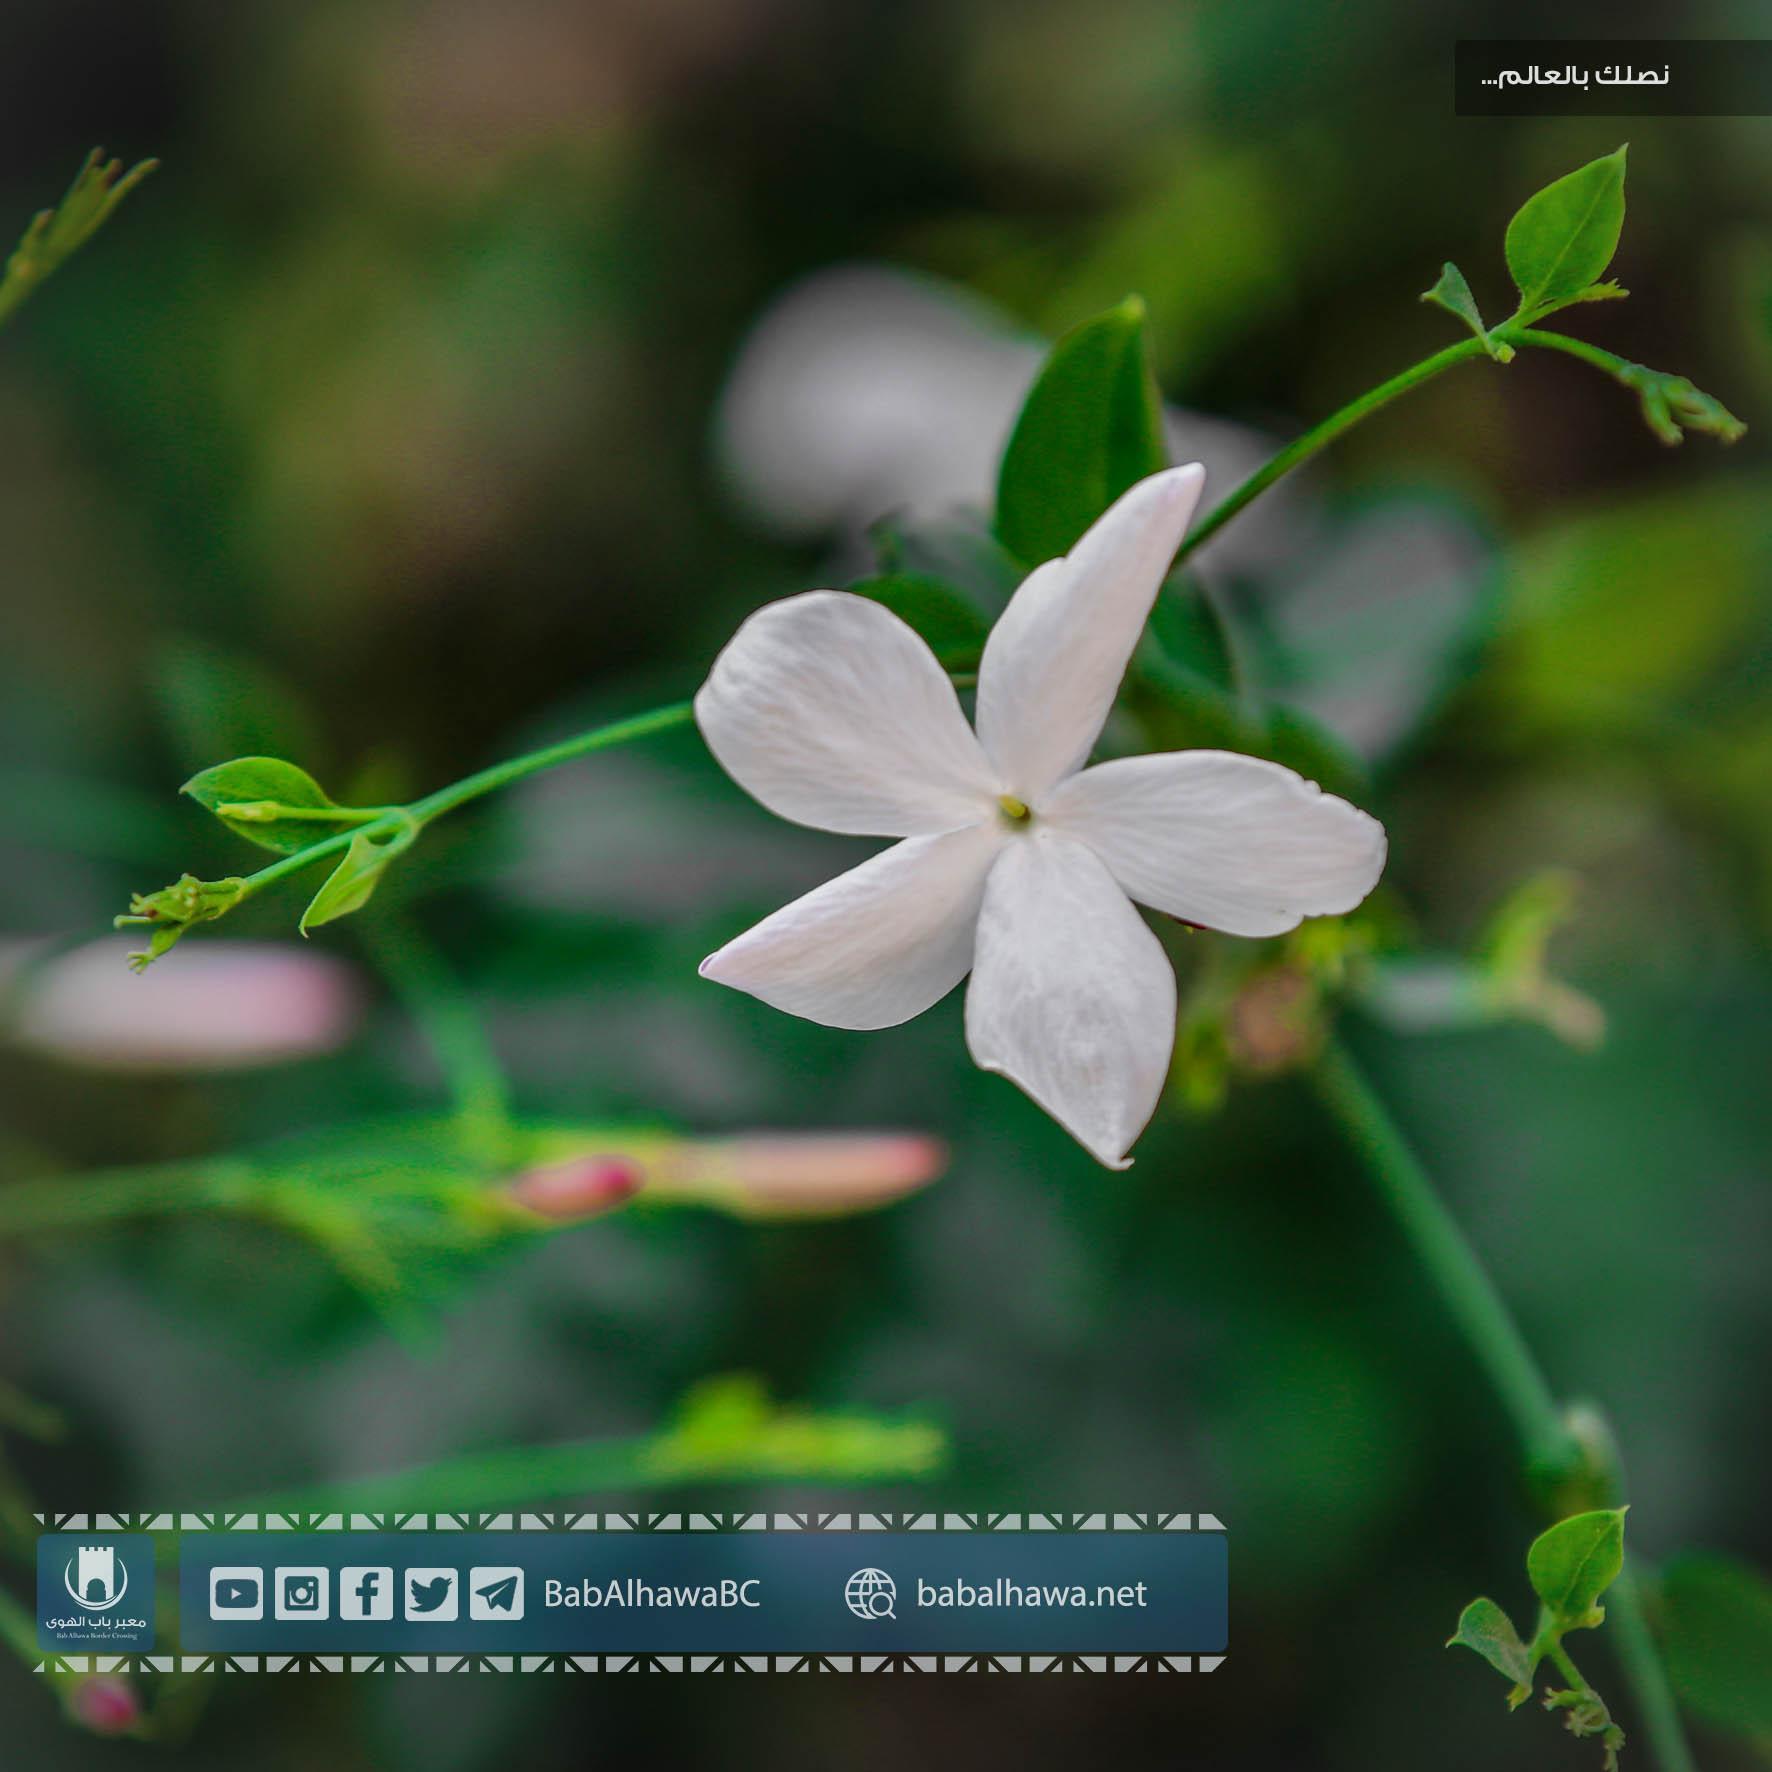 زهرة الياسمين في حديقة معبر باب الهوى - سوريا